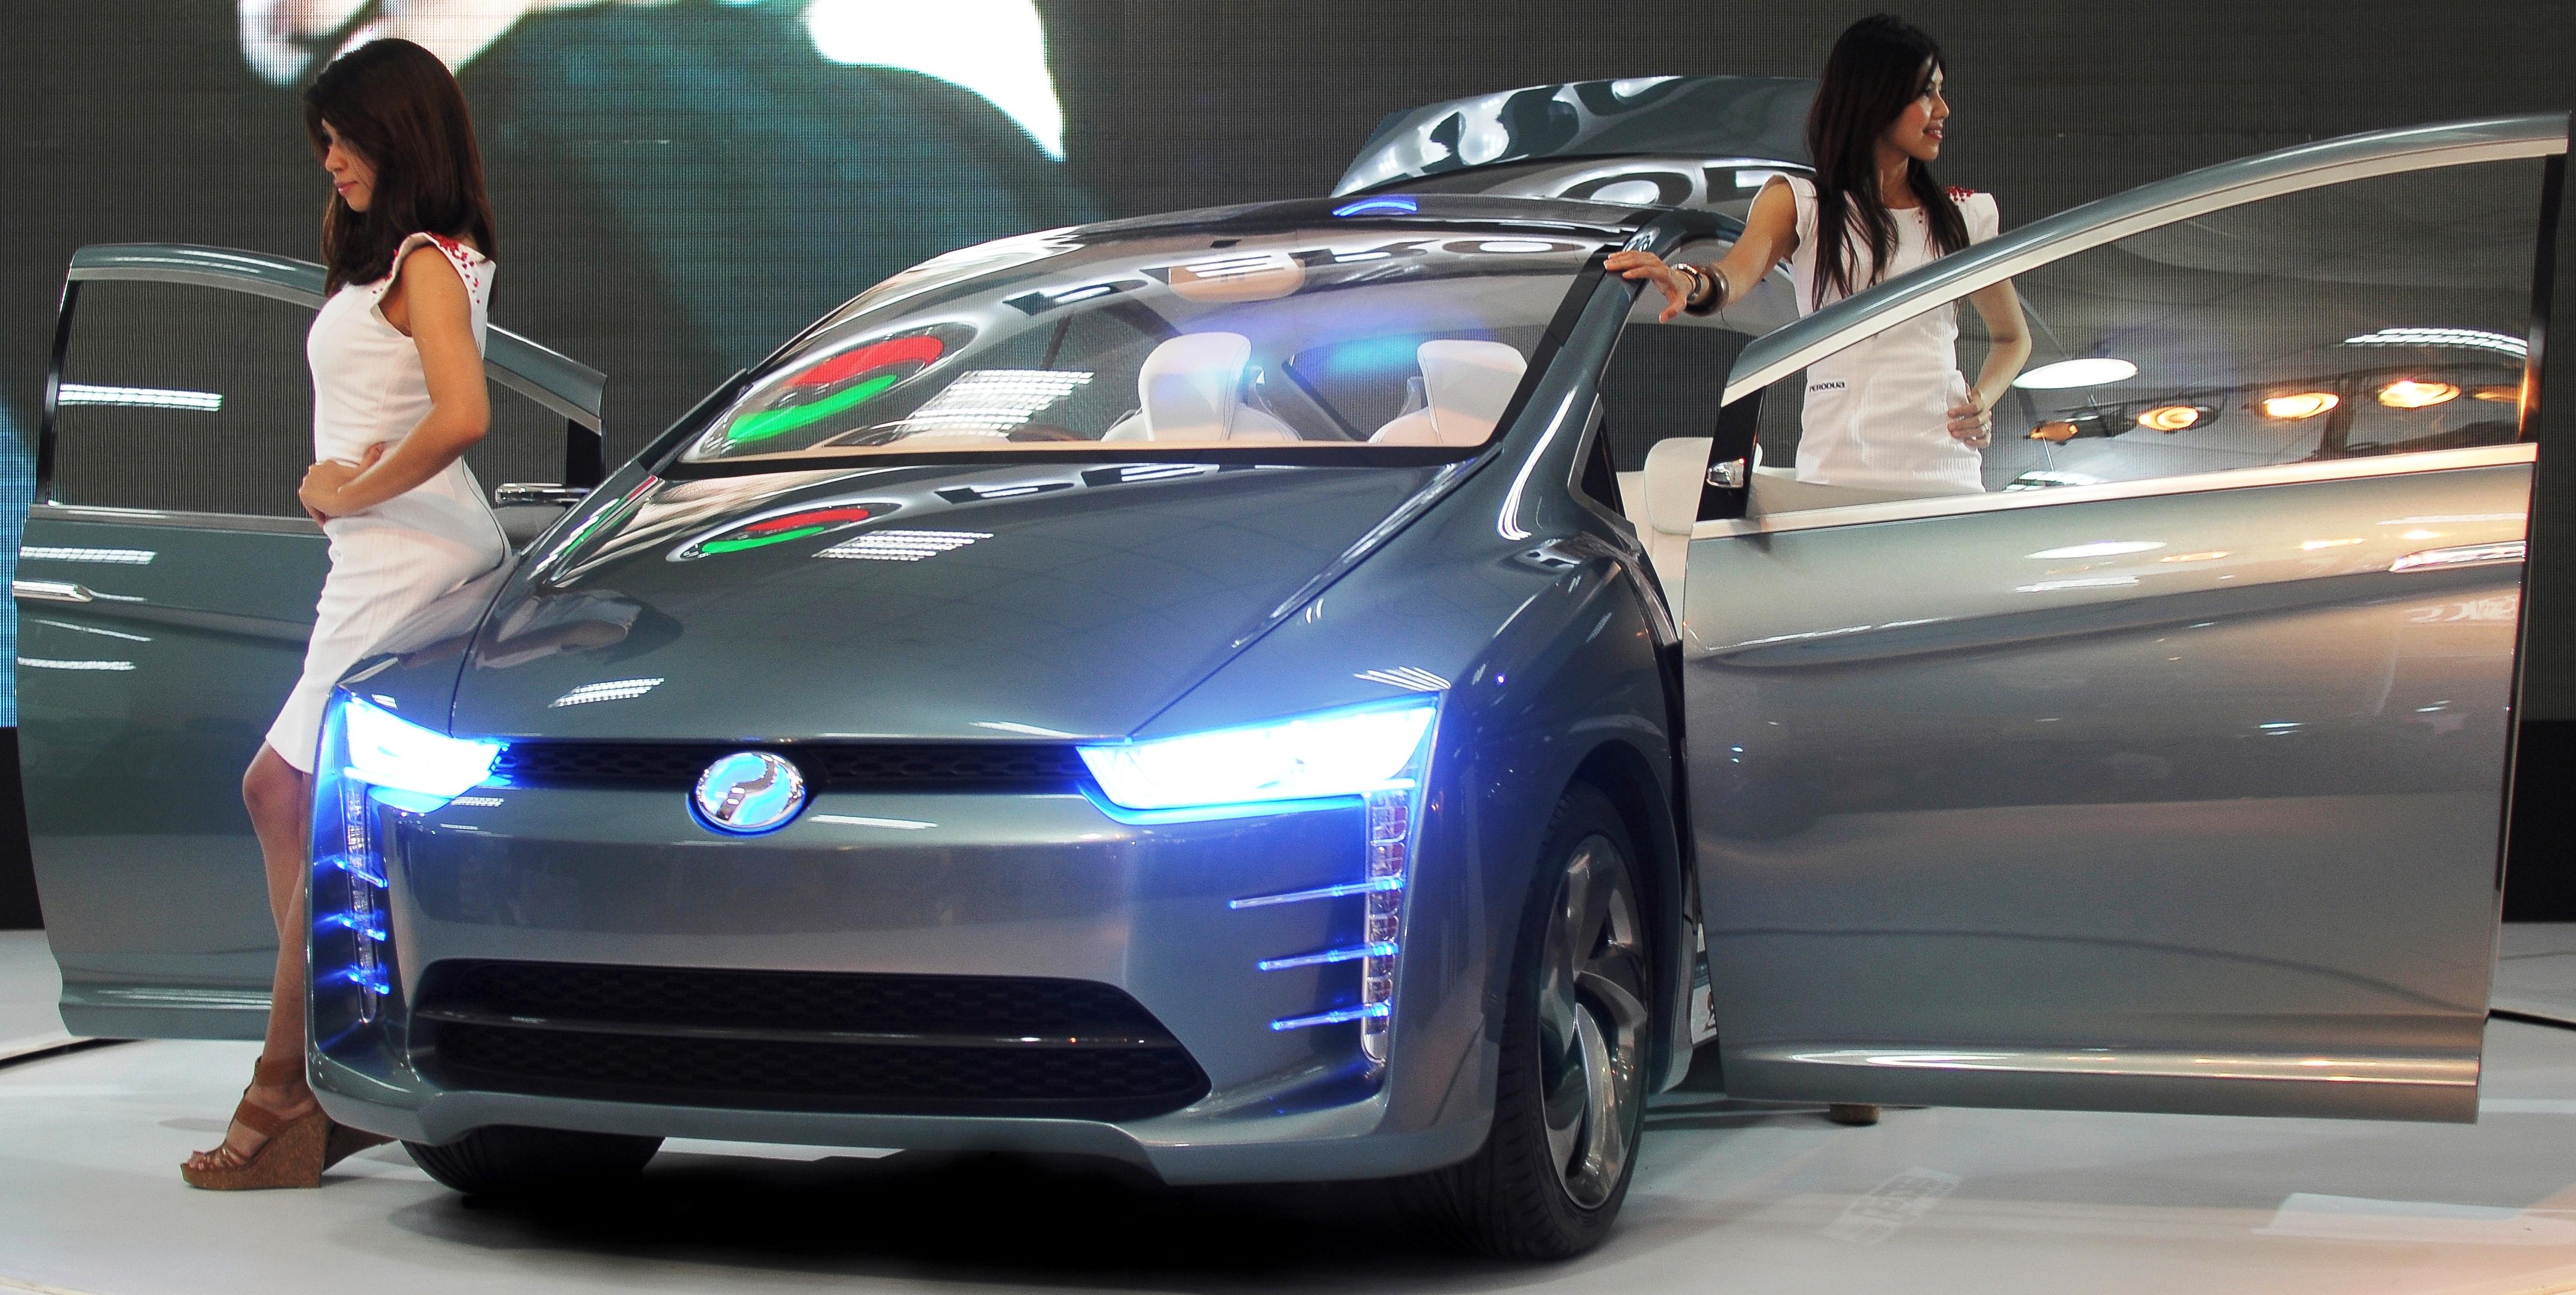 New Perodua Car